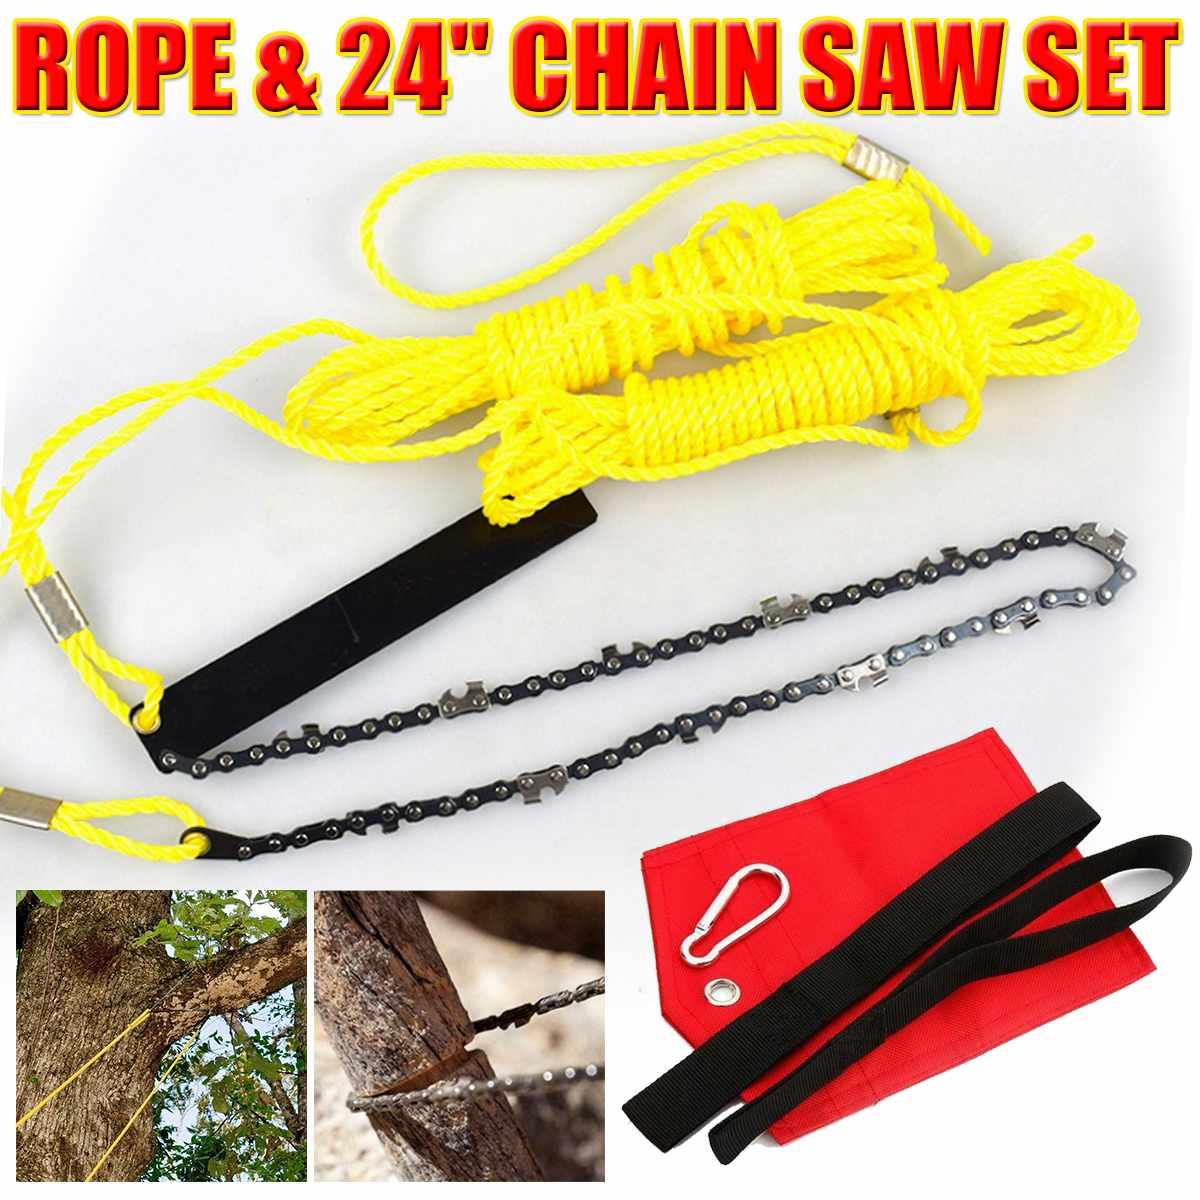 """1 Juego de cuerda para extremidades de alto alcance y sierra de cadena con rama de cadena de 24 """"Sierra para árboles cortador de cuerda herramienta de corte de madera al aire libre"""